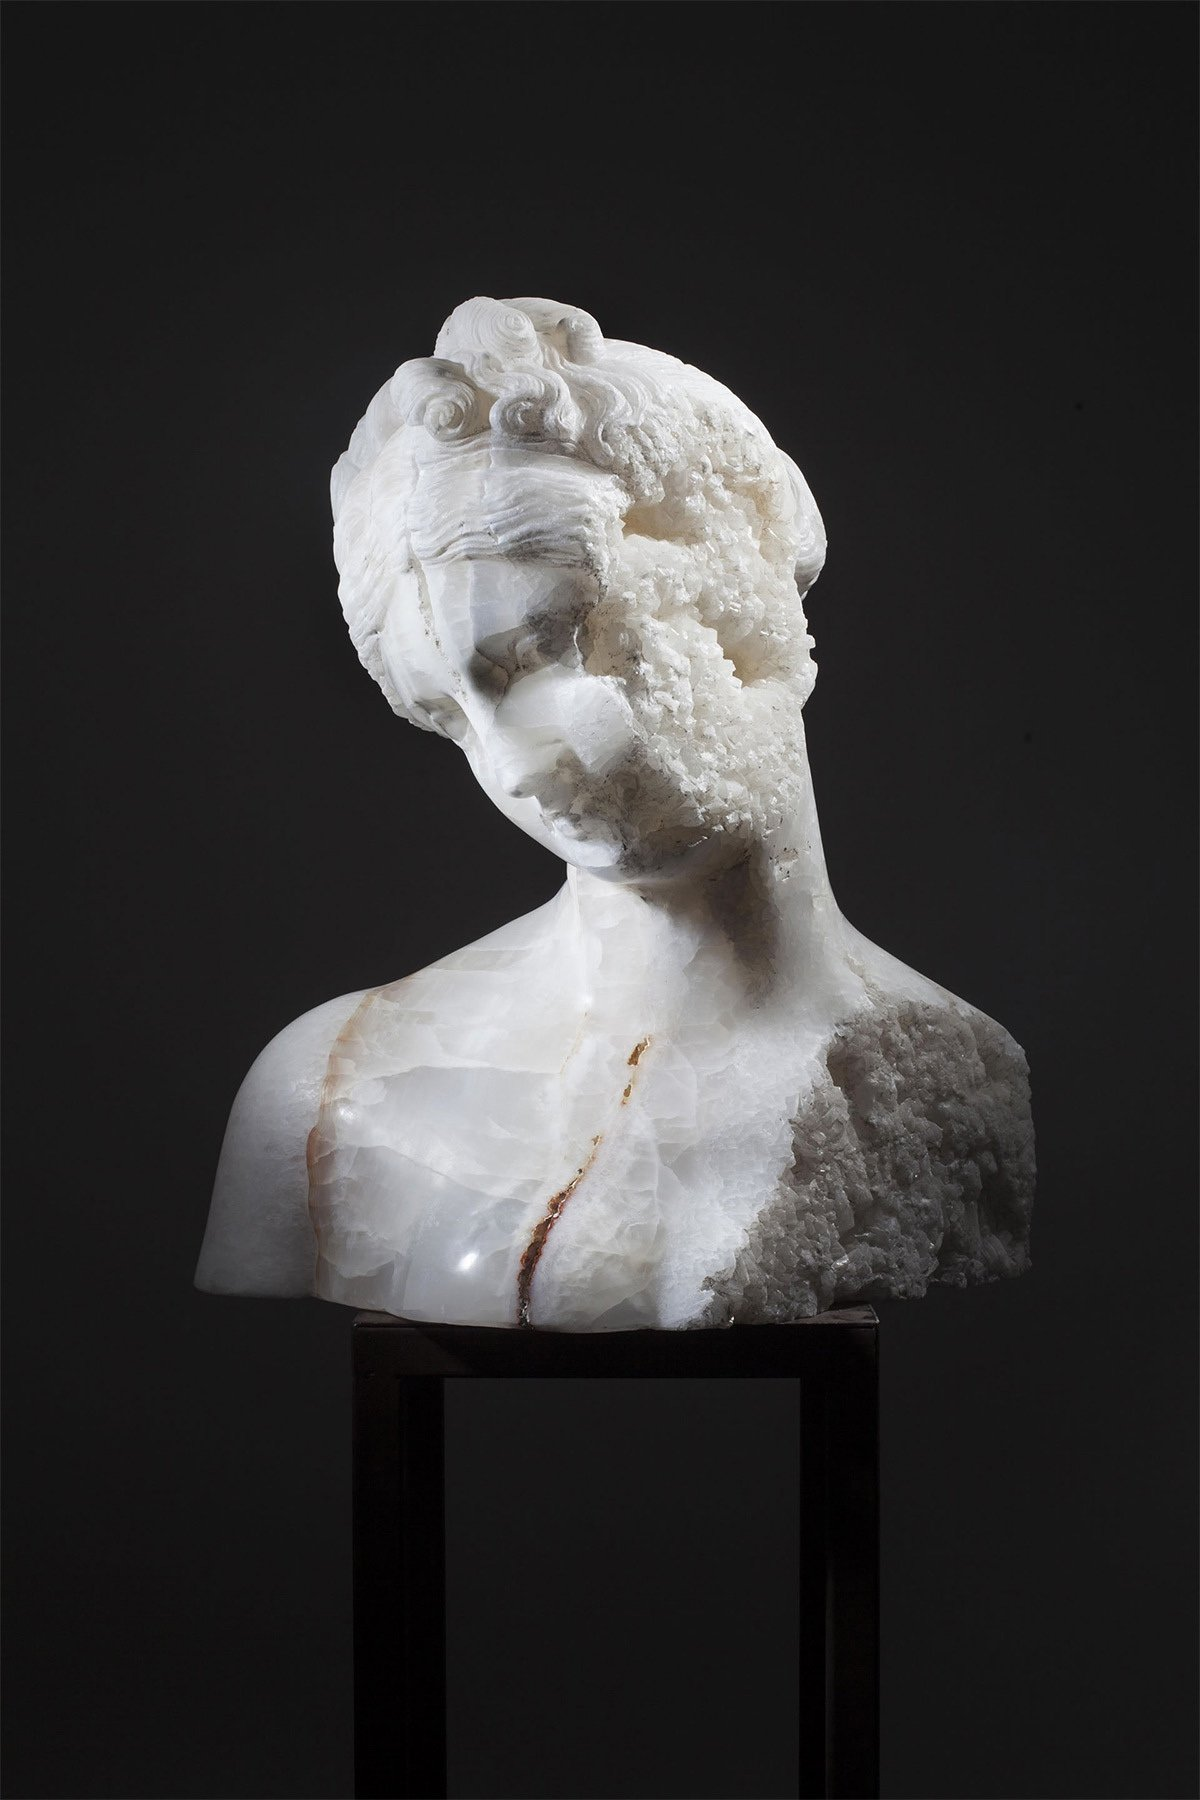 iGNANT_Art_Massimilianio_Pelletti_Ancient_Sculptures_6